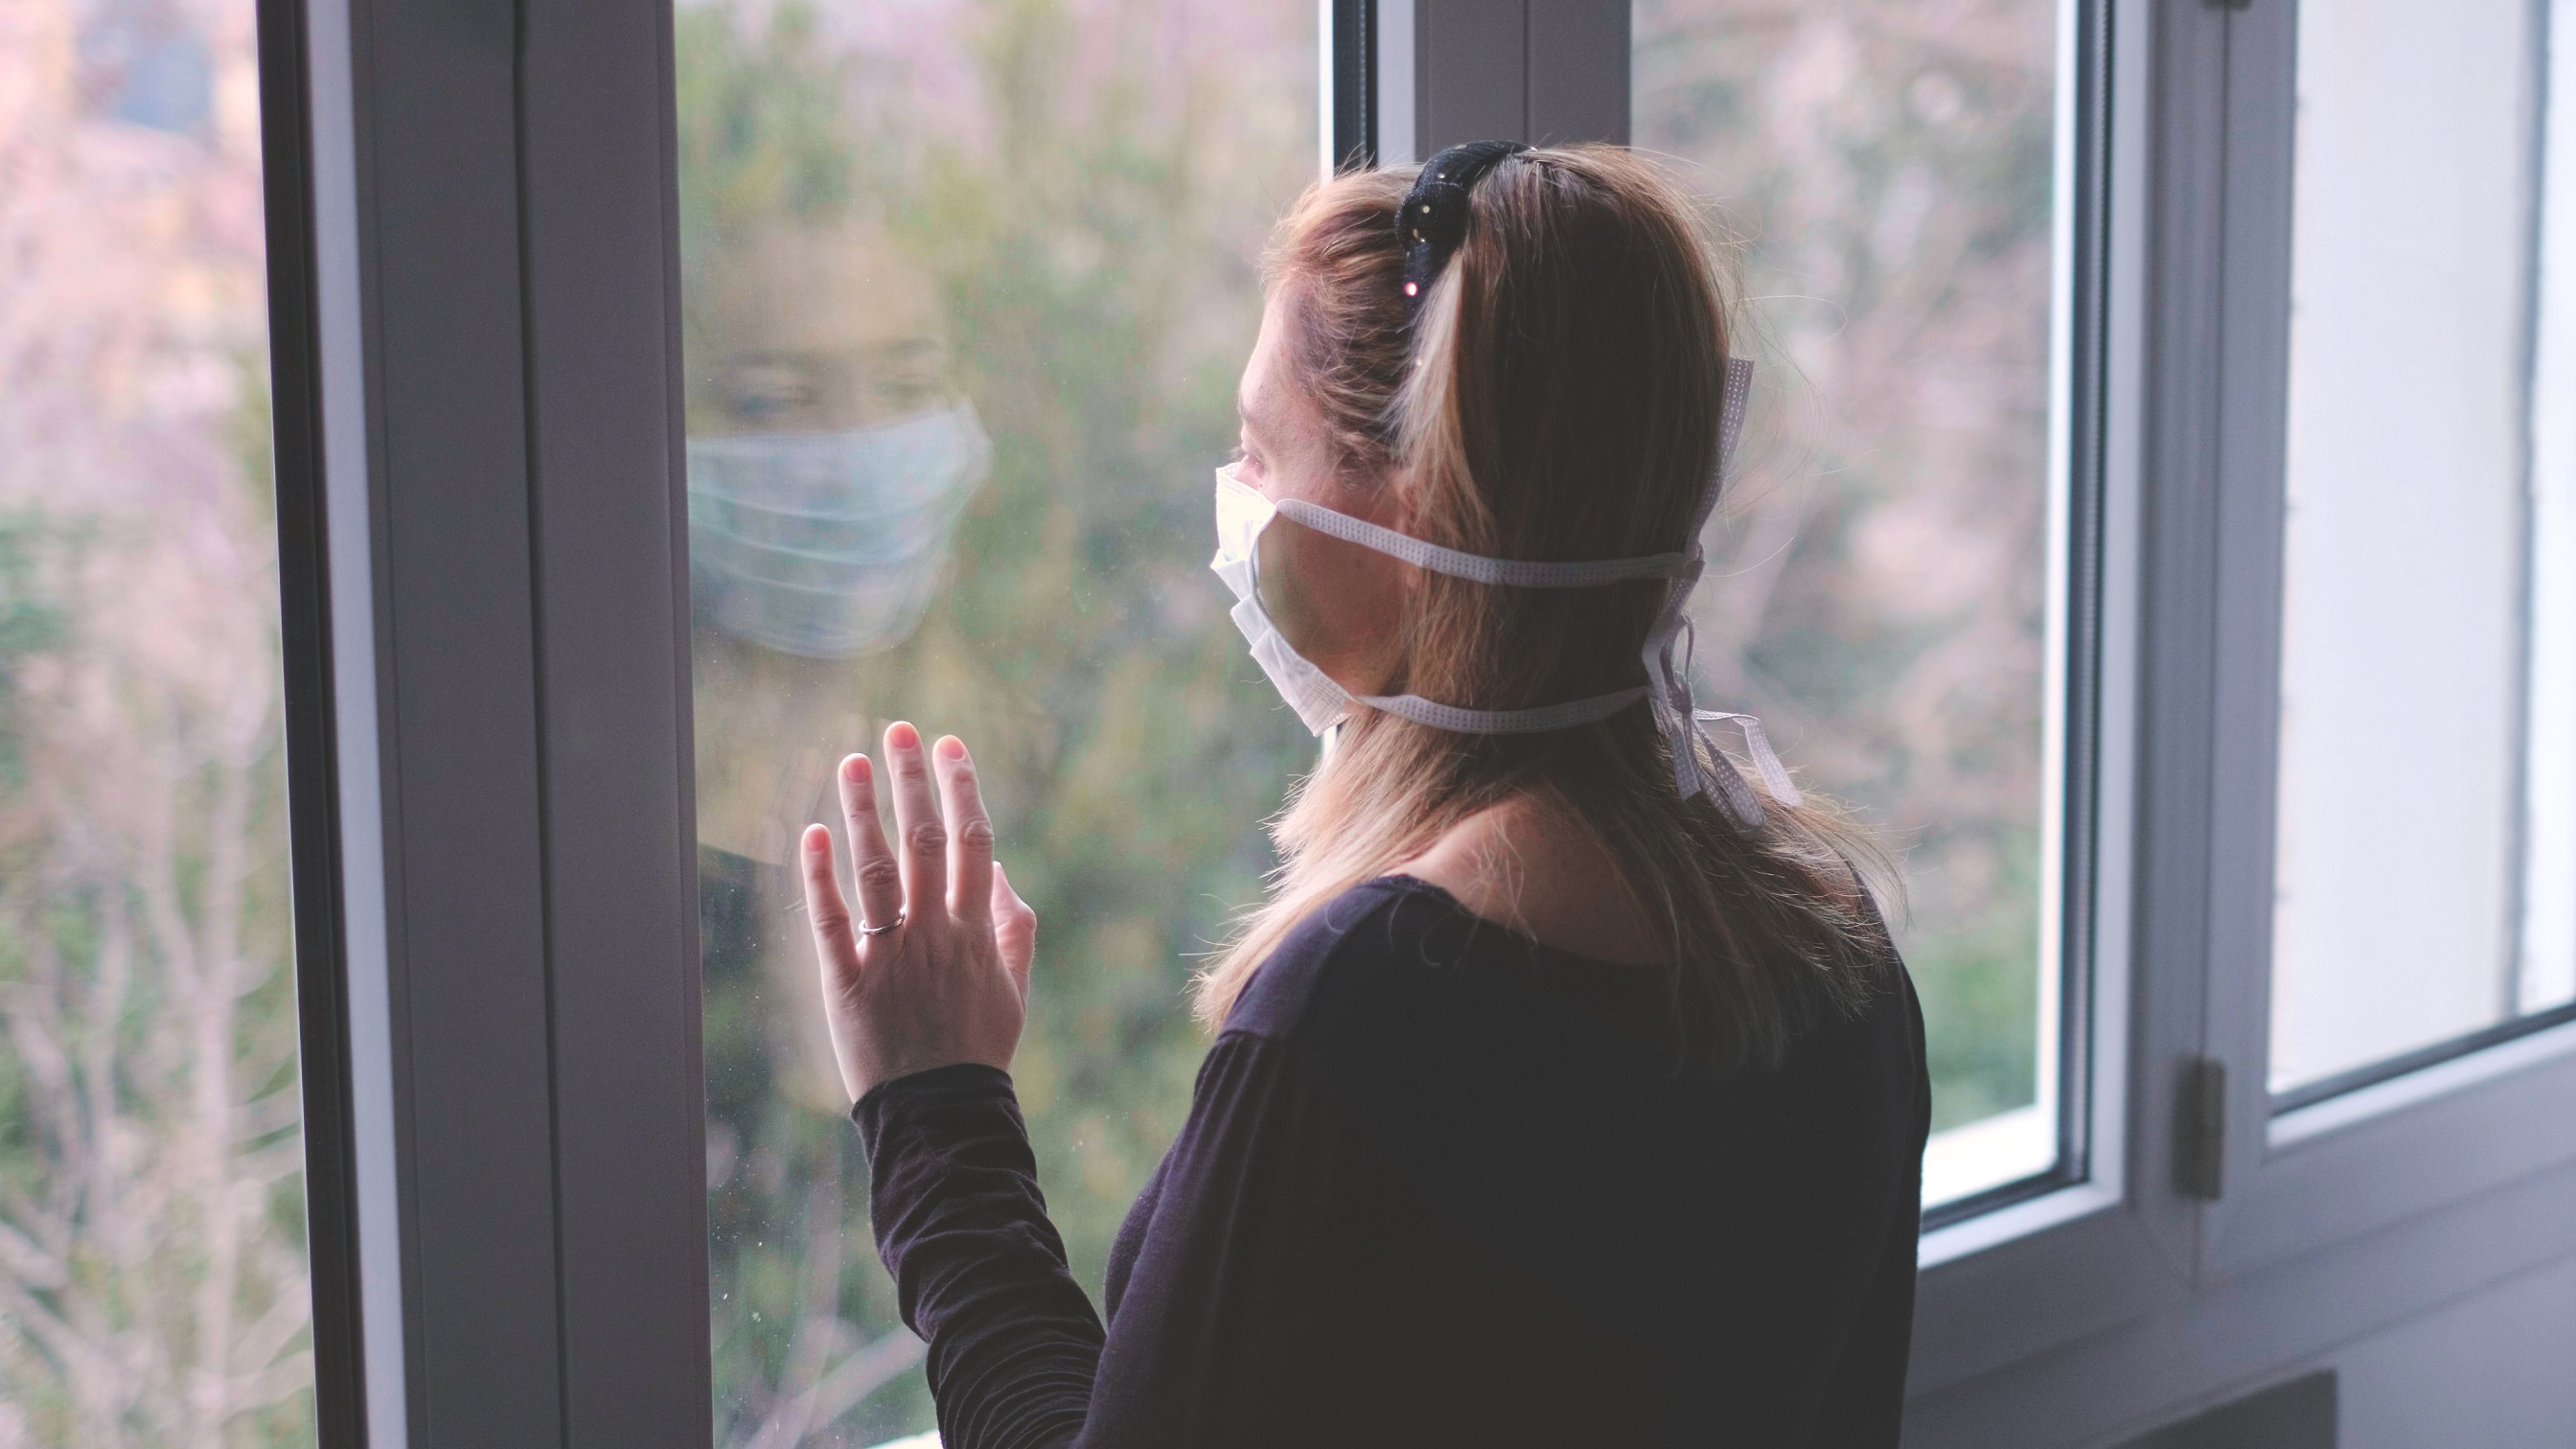 O impacto psicológico da quarentena: estressores e consequências